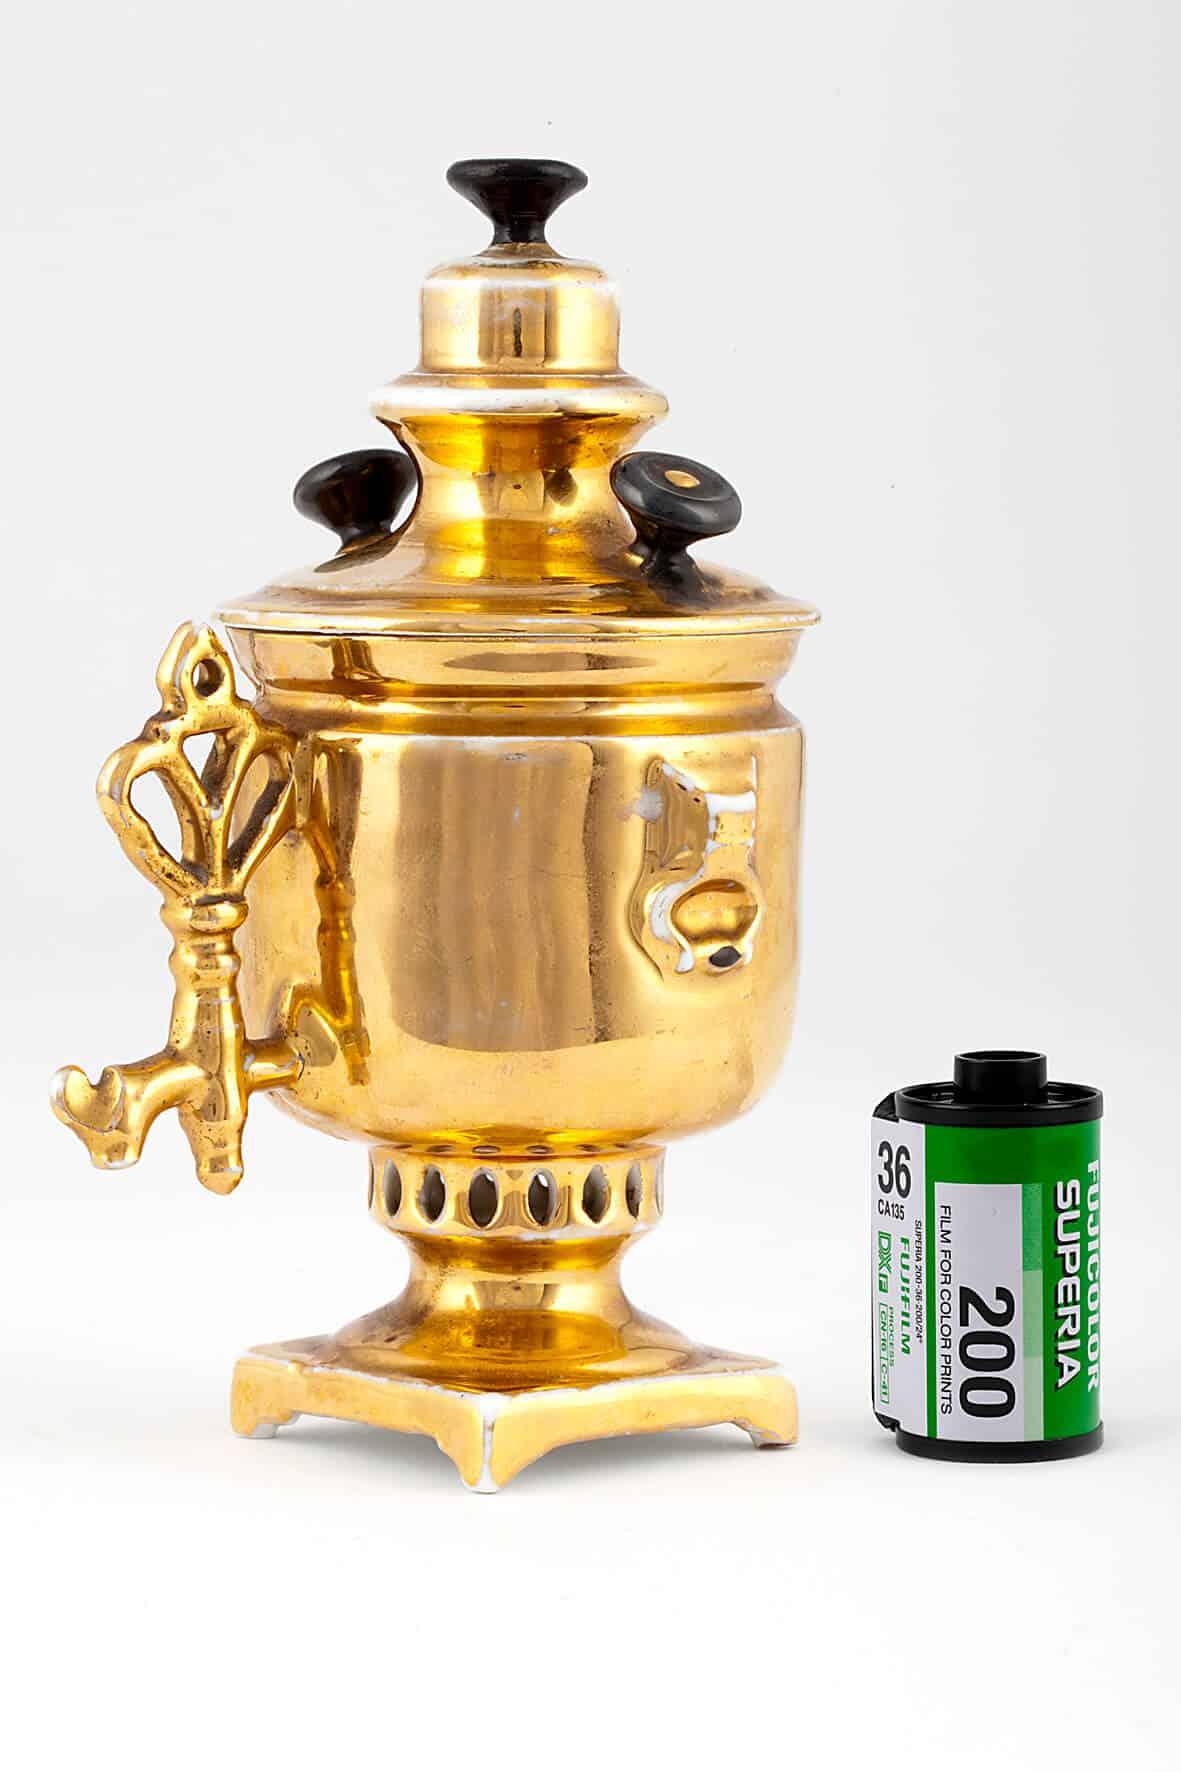 КБ 380 | Чашка сувенирная «Самовар» | Музей самоваров и бульоток